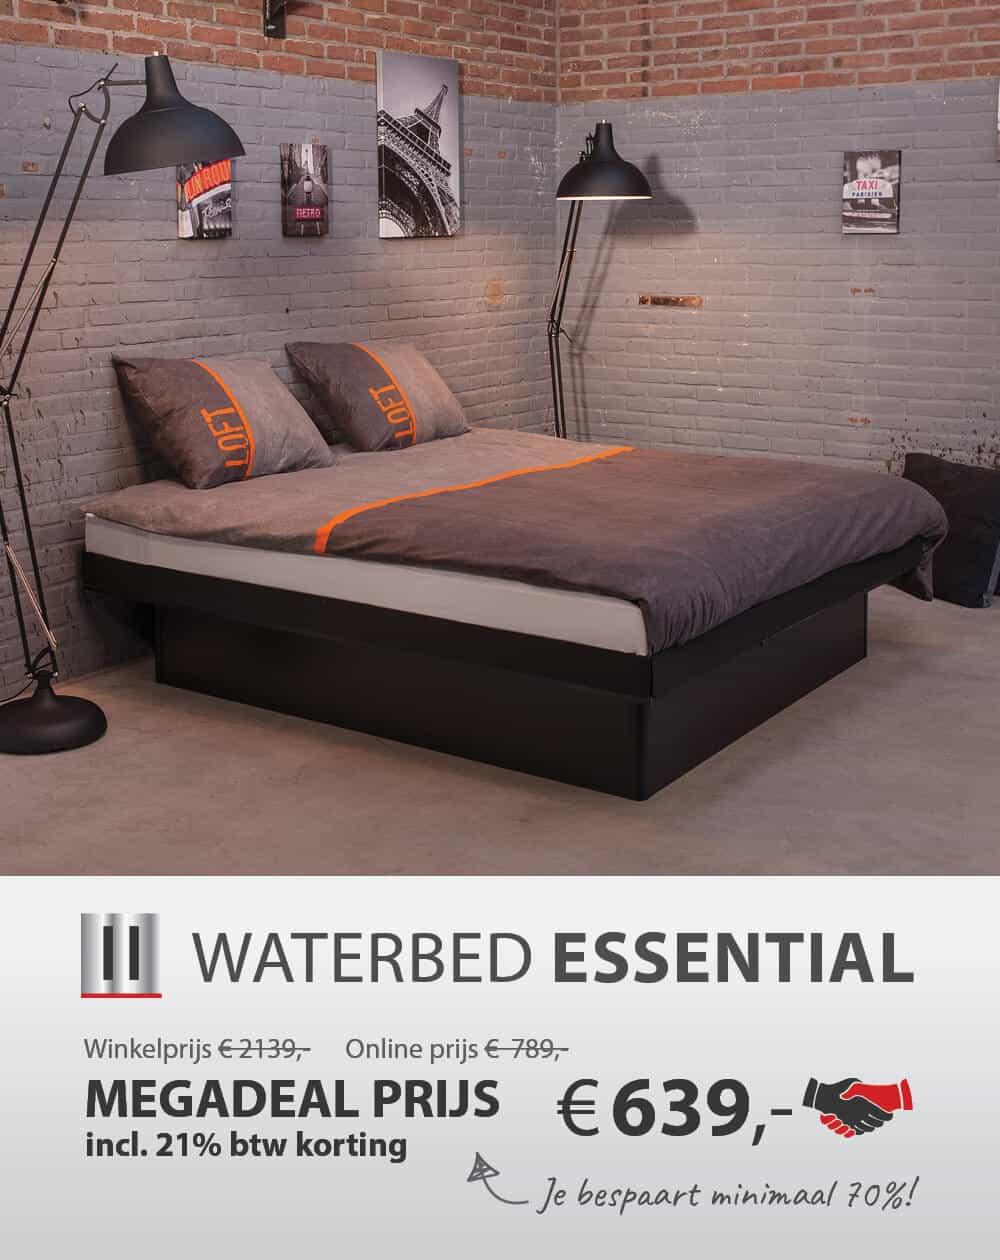 /e/s/essential-nl2.jpg